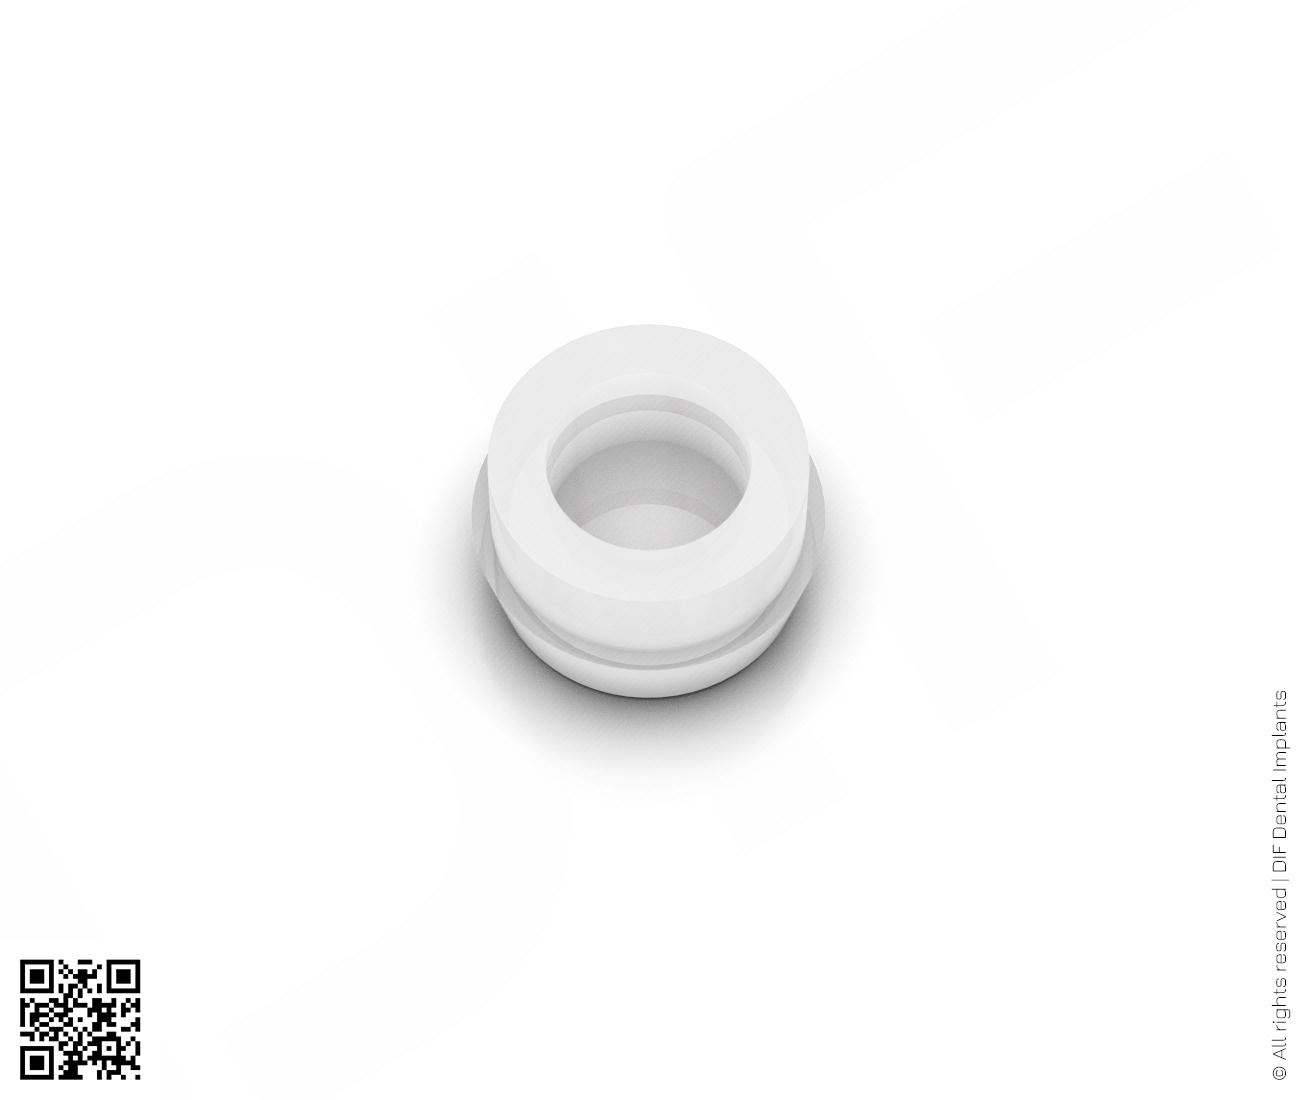 Фото силиконовая матрица ретенция 0.9 кг производства DIF.